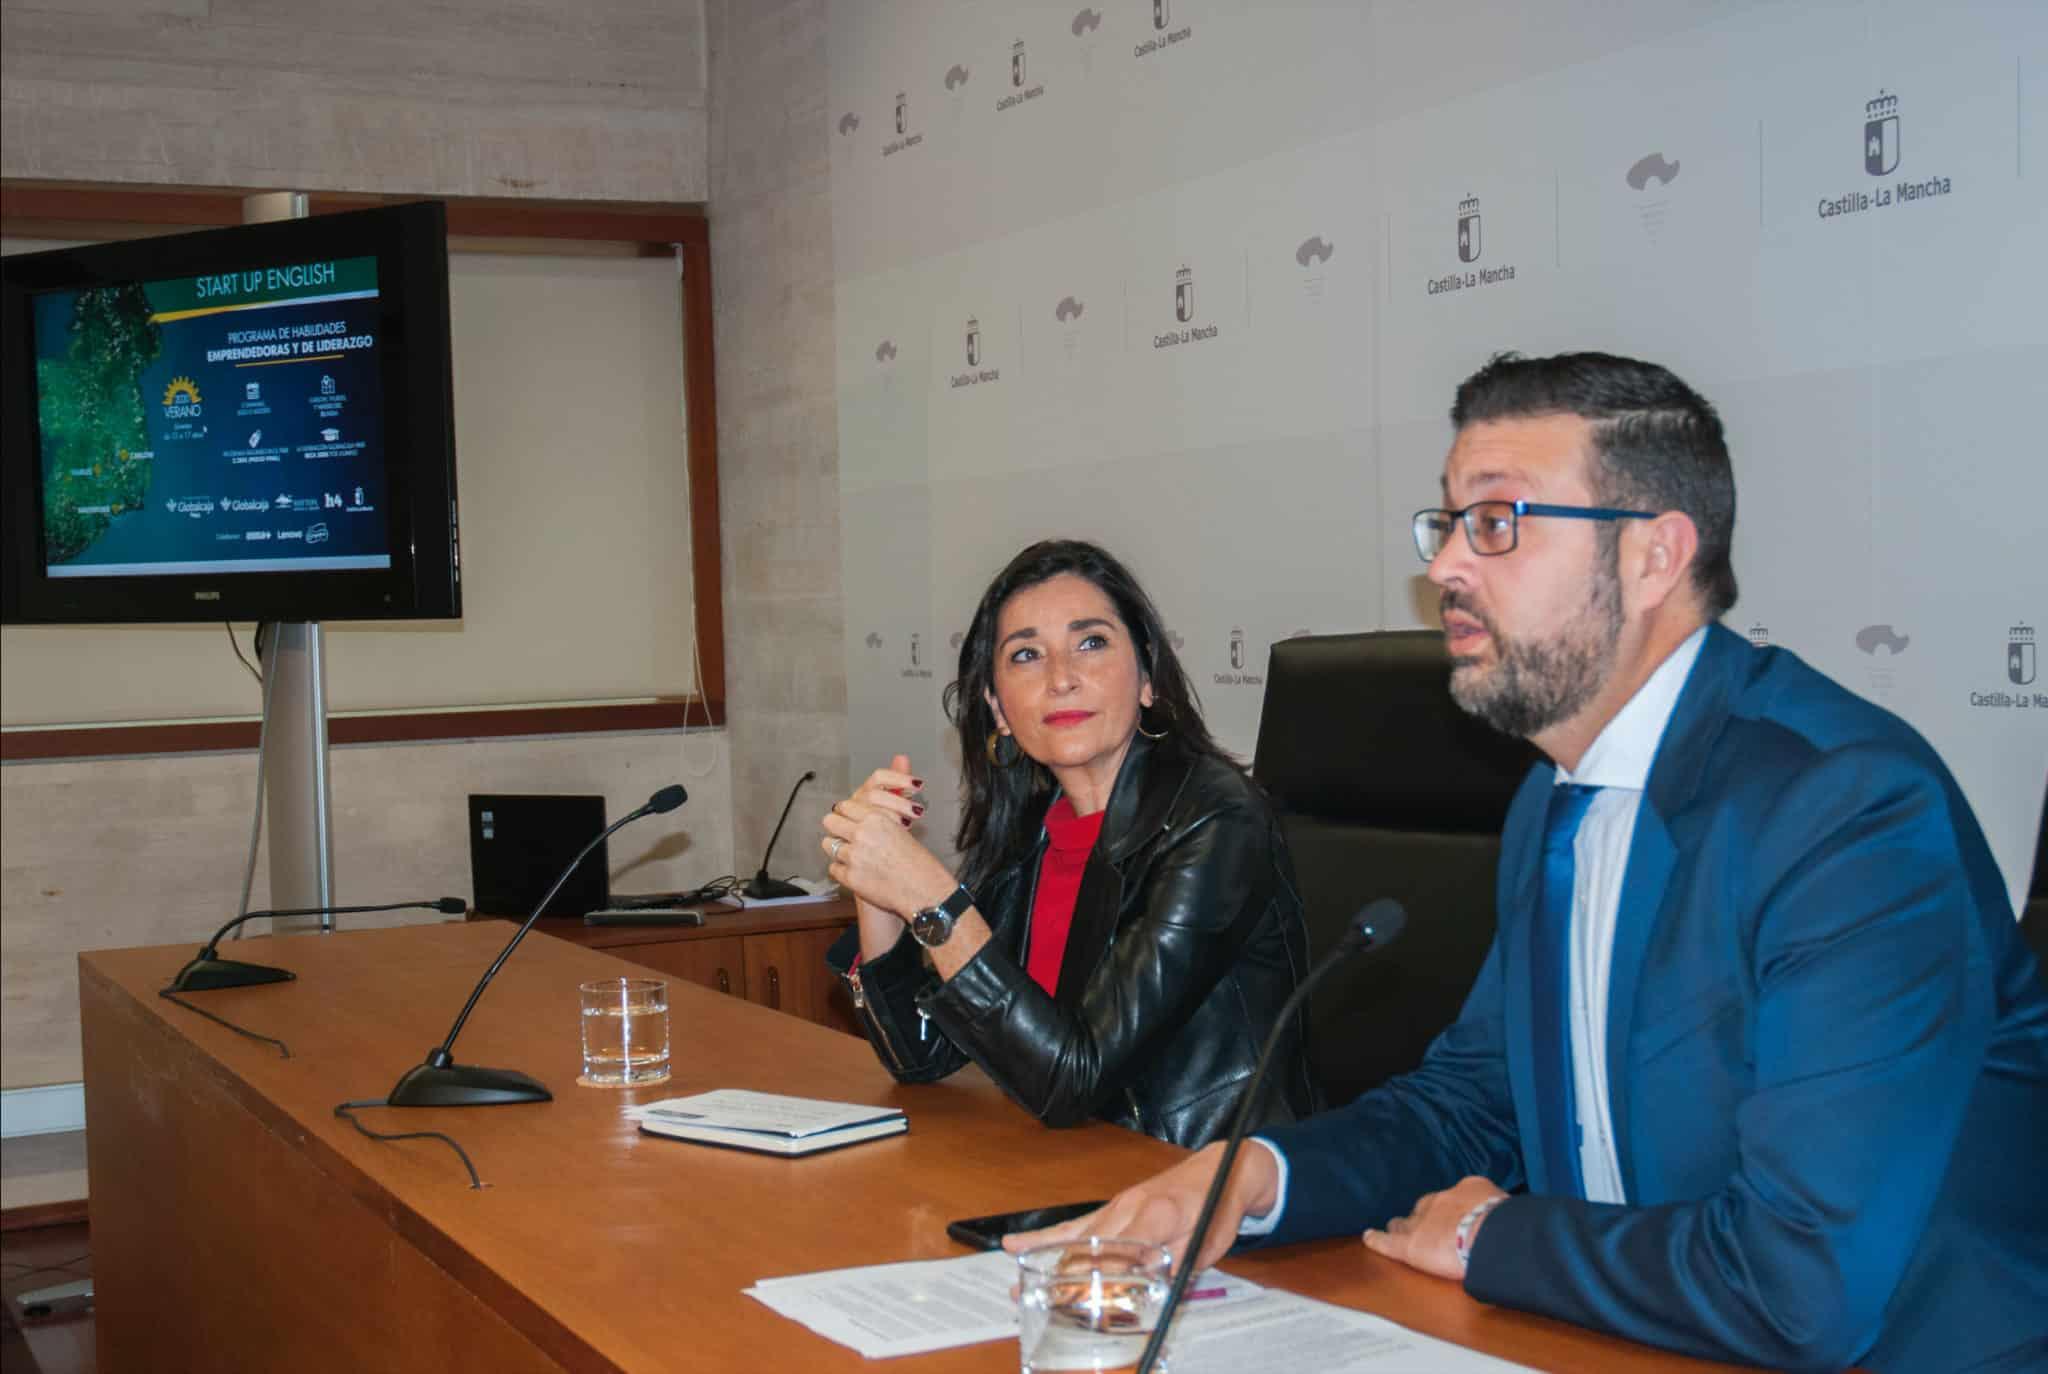 https://blog.globalcaja.es/wp-content/uploads/2020/01/SUE-Toledo-AA.jpg